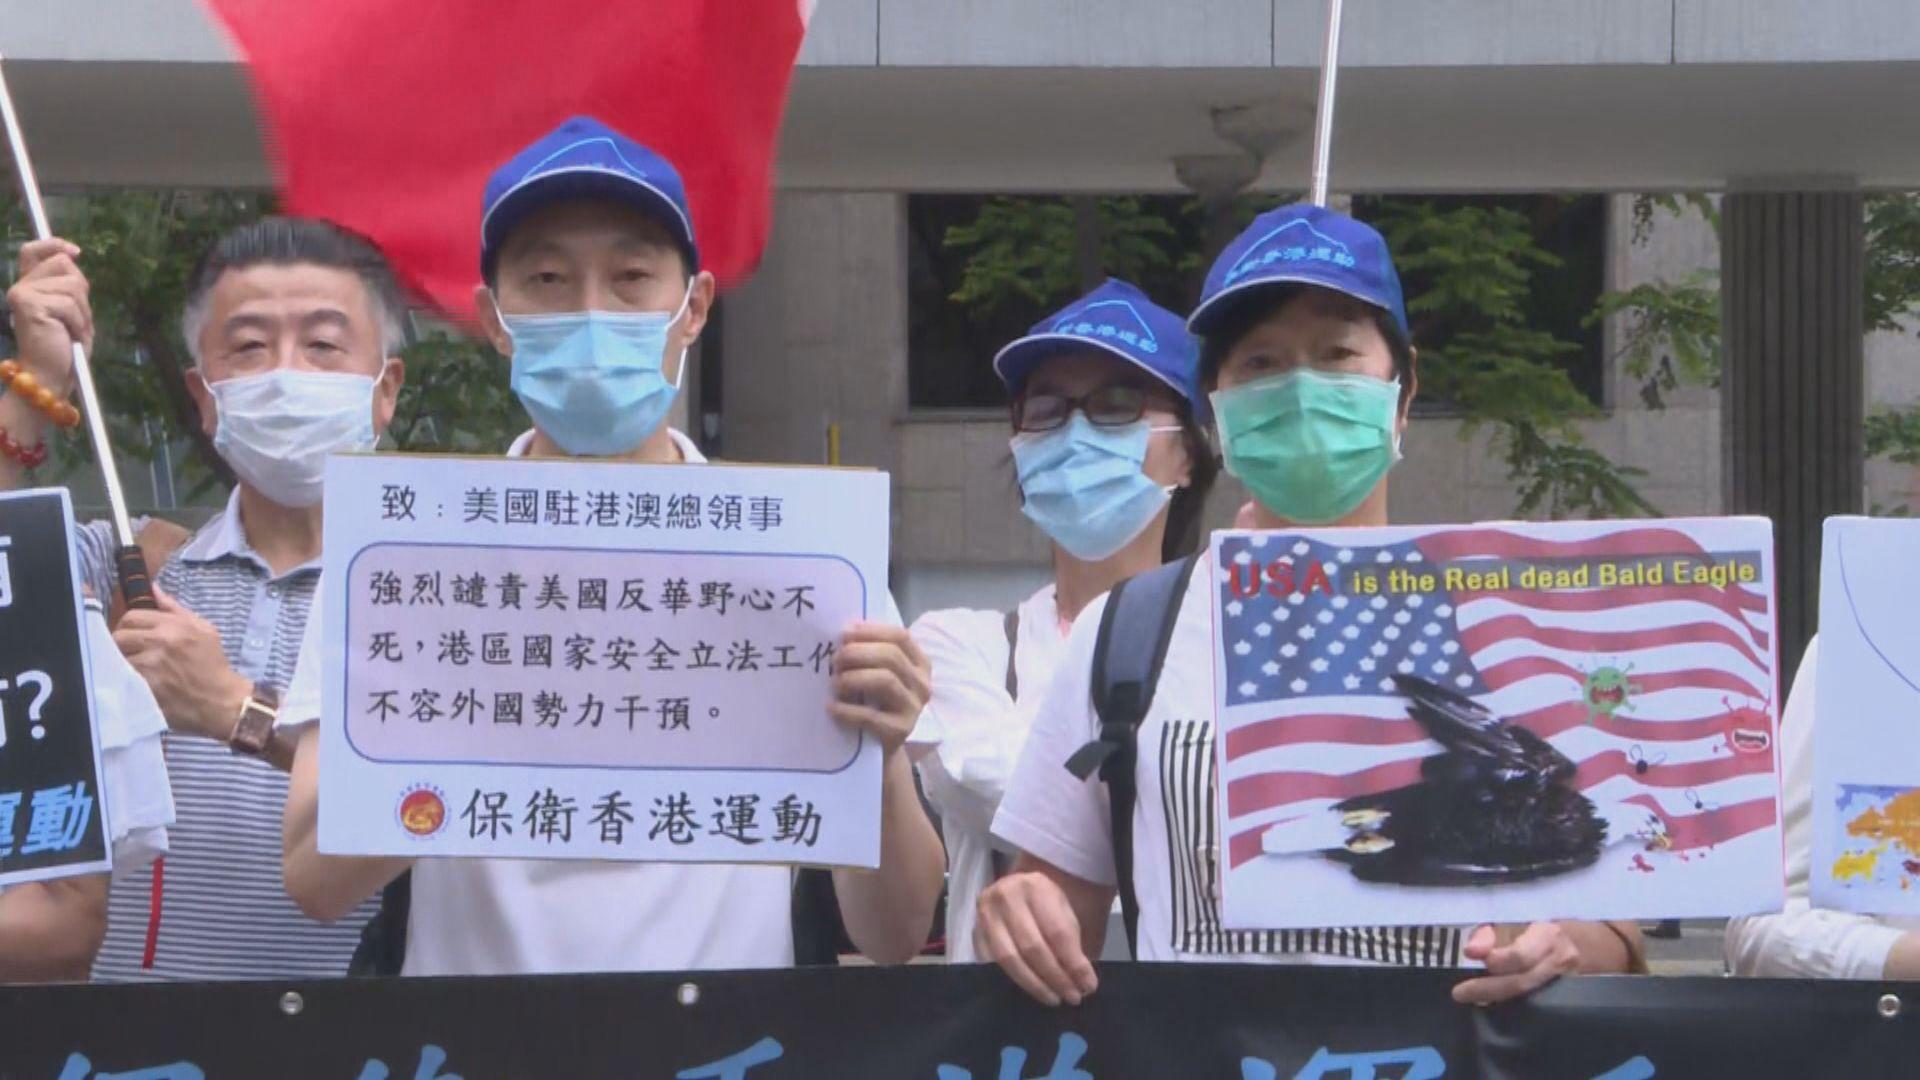 有團體示威反對美國再評論香港問題